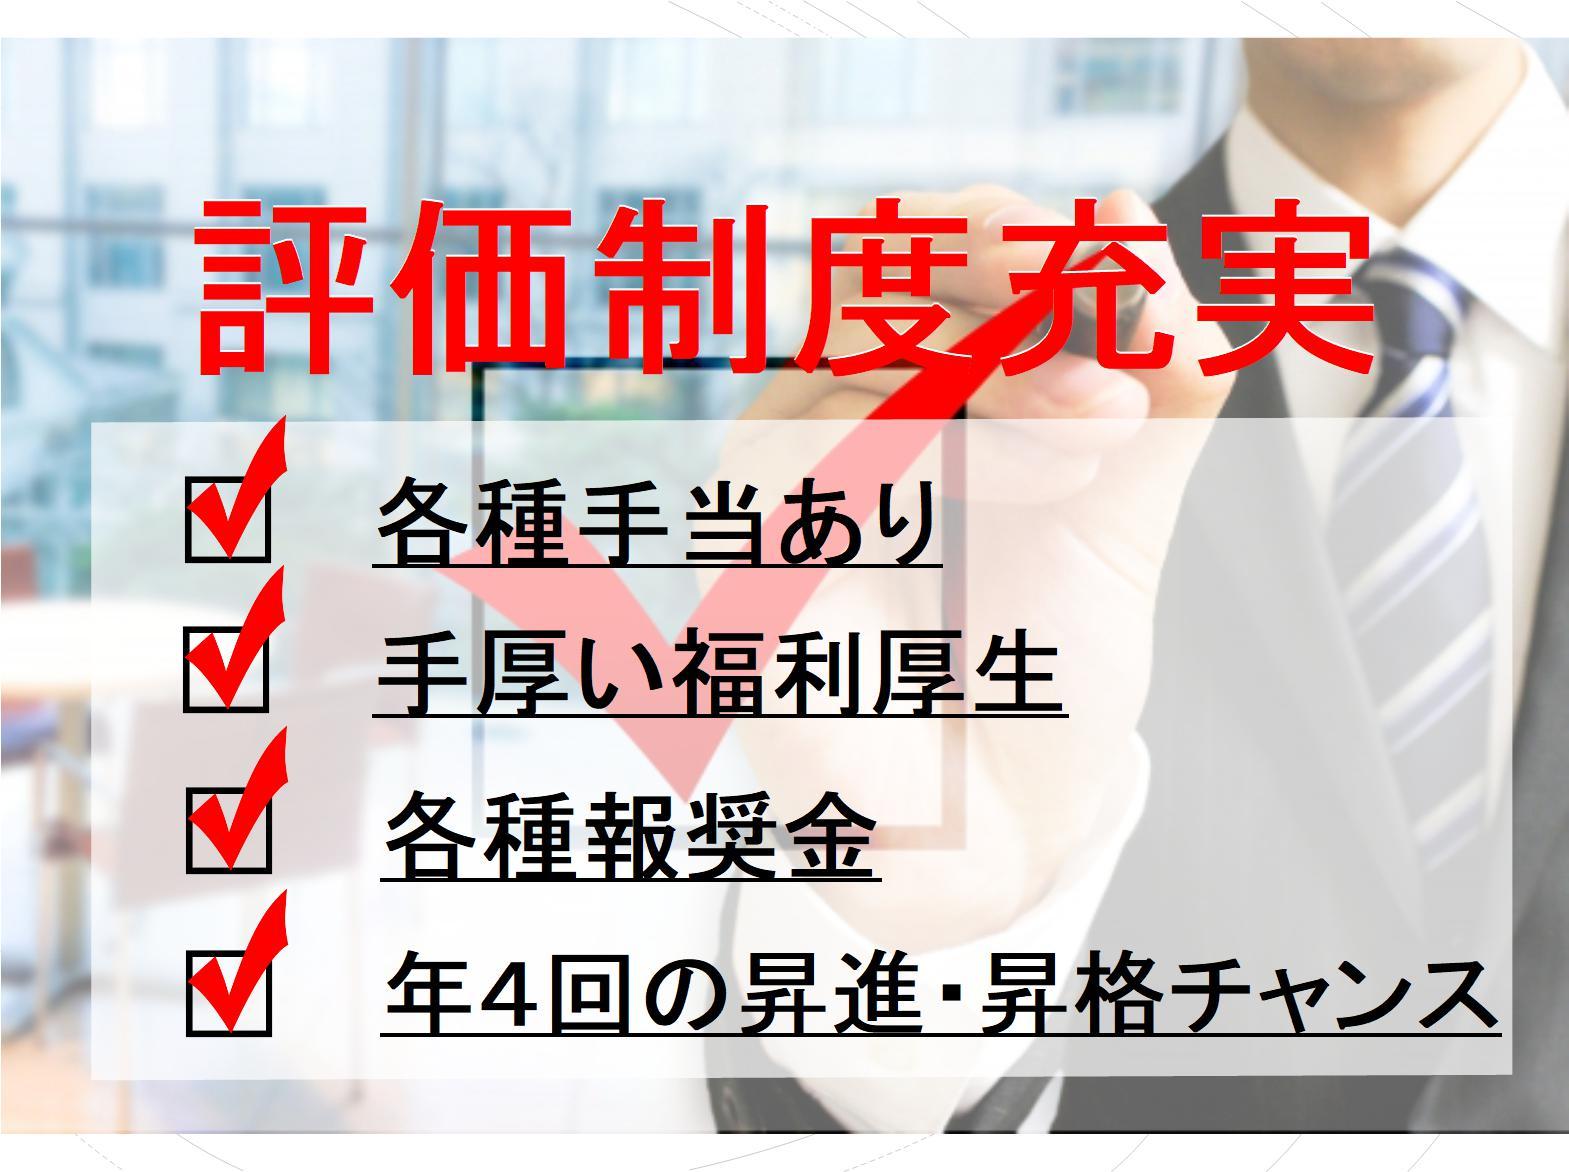 約9割が未経験からスタート!高収入を目指せる総合不動産営業(名古屋市瑞穂区) イメージ